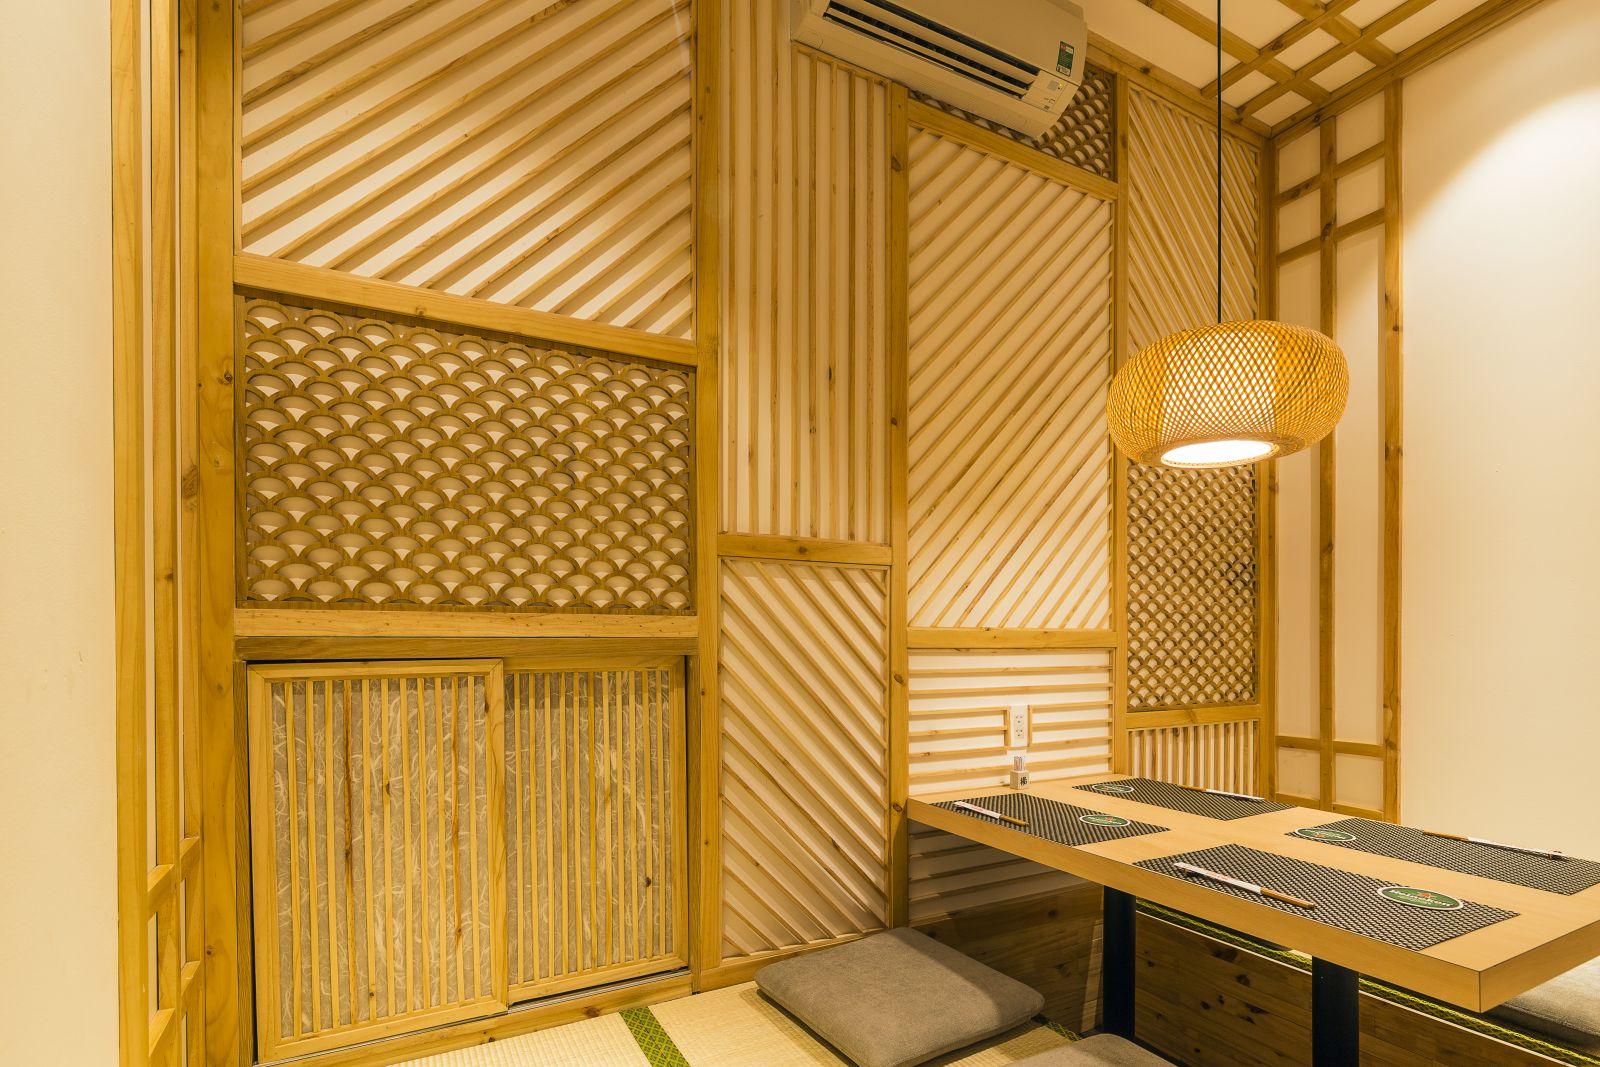 thiết kế sử dụng đèn lồng gỗ mang tới nét sang trọng cho nội thất nhà hàng